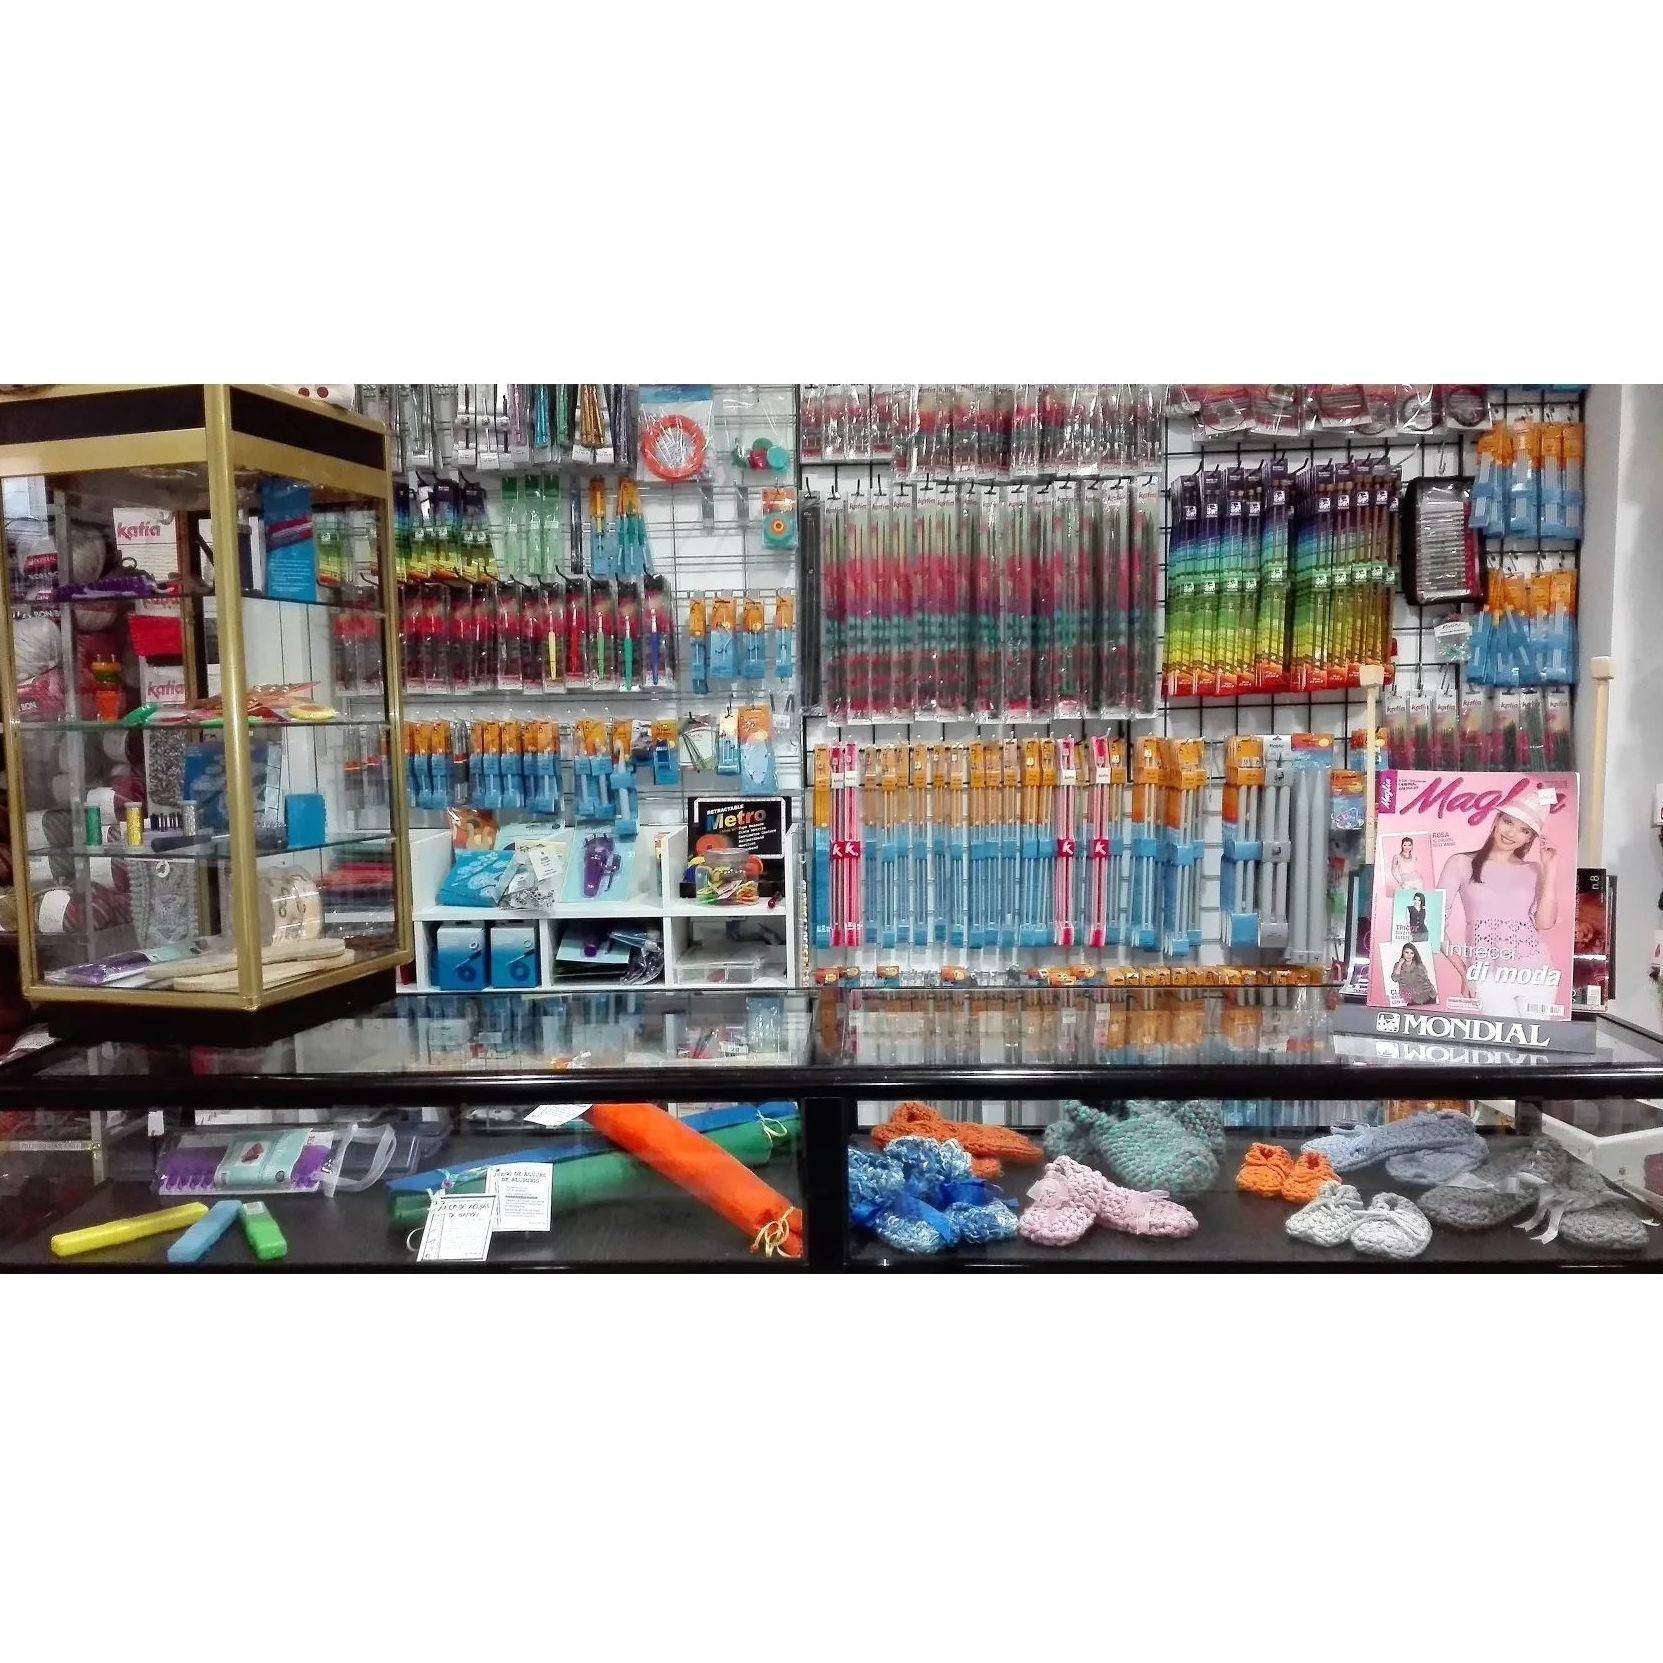 Accesorios para tejer: Productos y servicios de Lanas Maranta